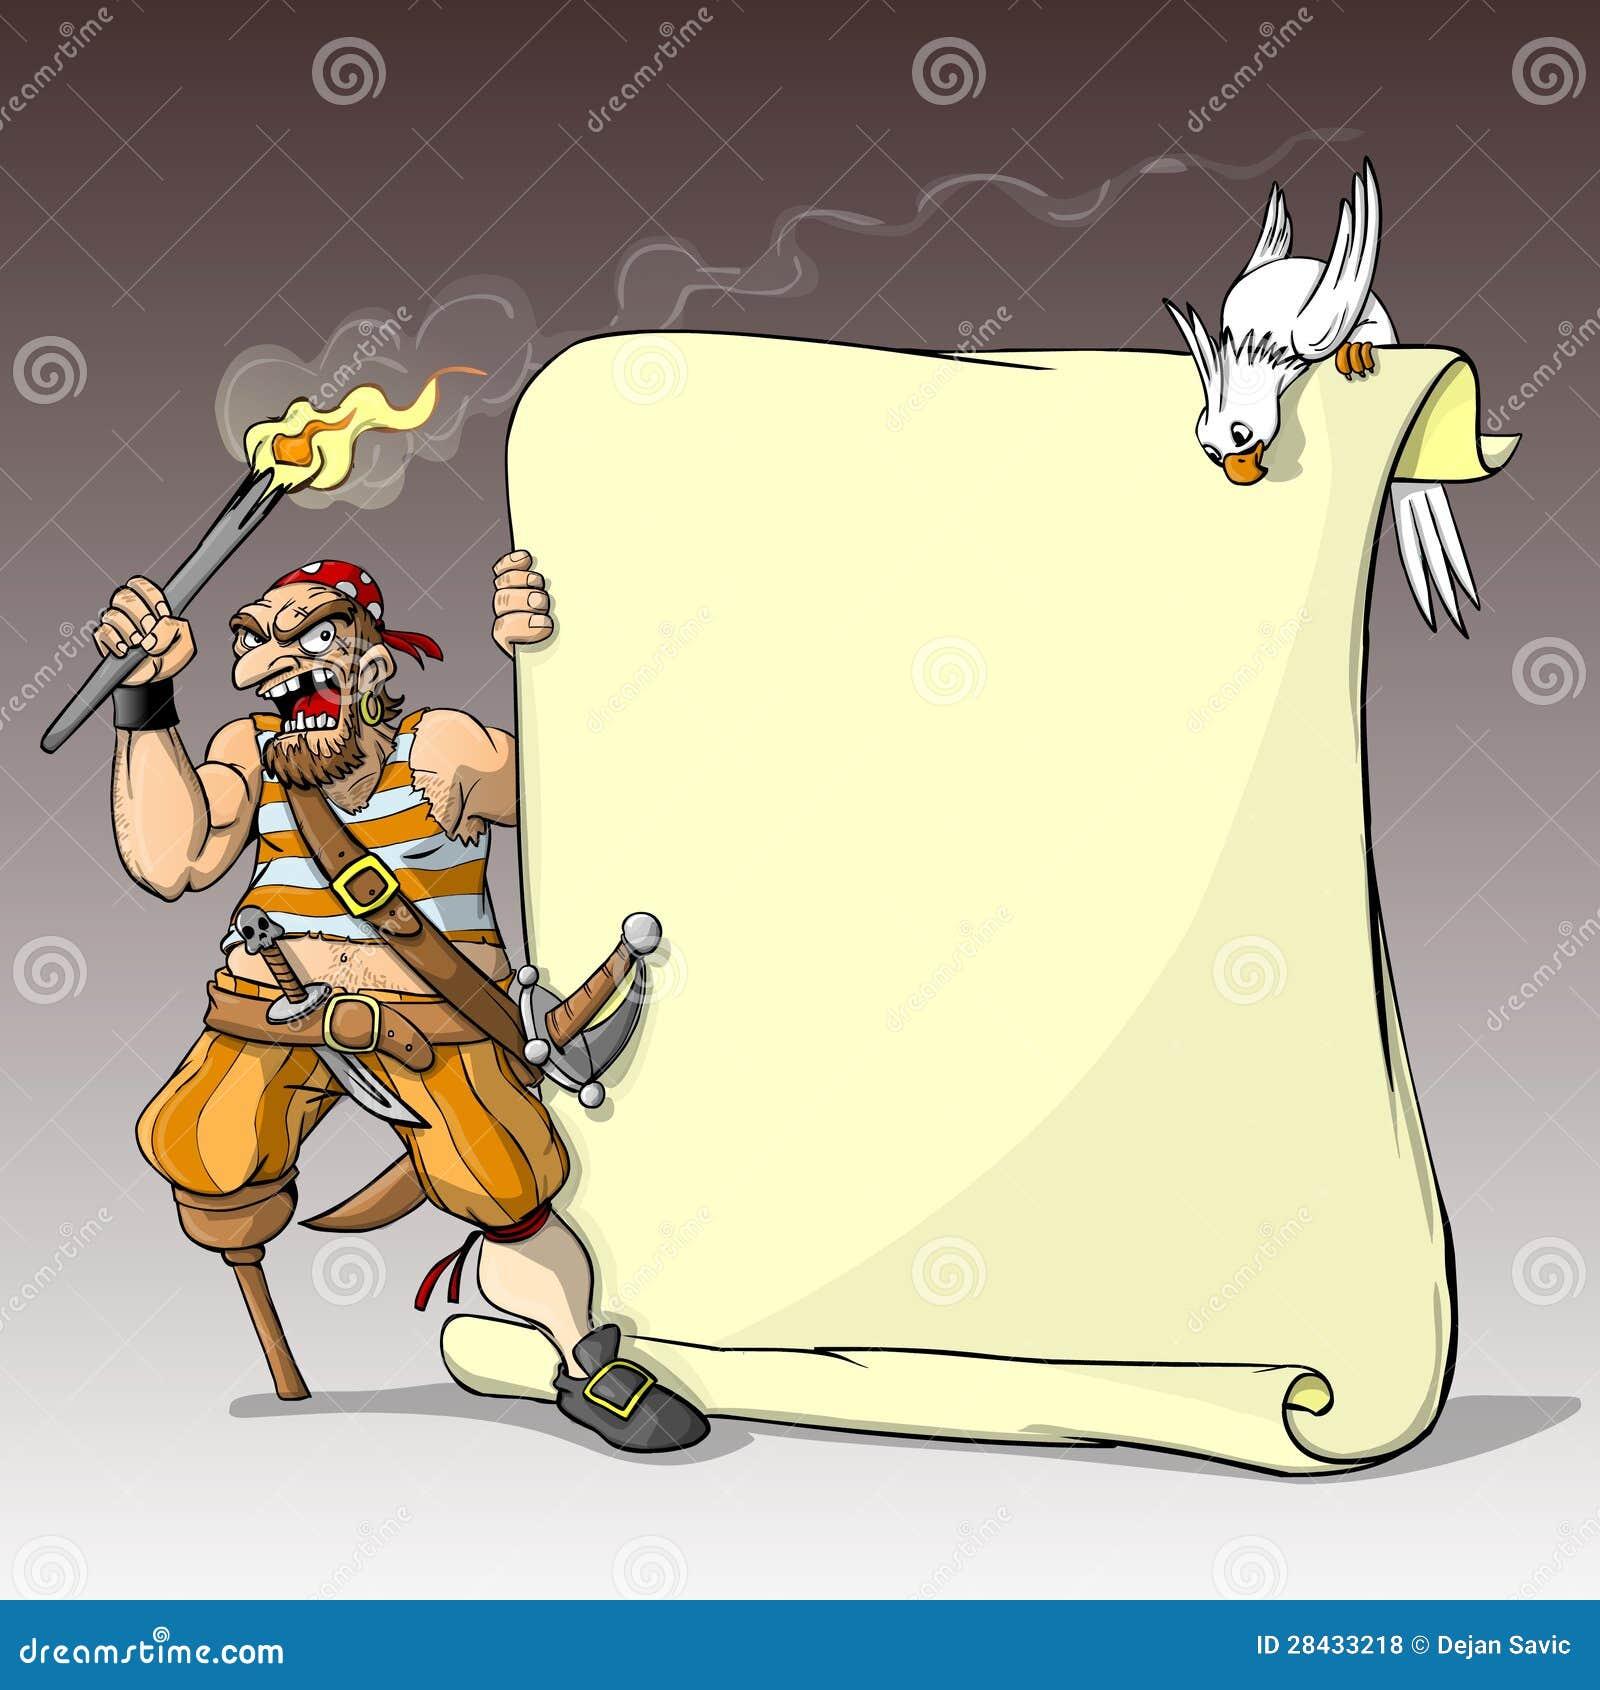 海盗和鹦鹉_一位狠毒单腿海盗拿着火炬和横幅的和突出对此的鹦鹉.